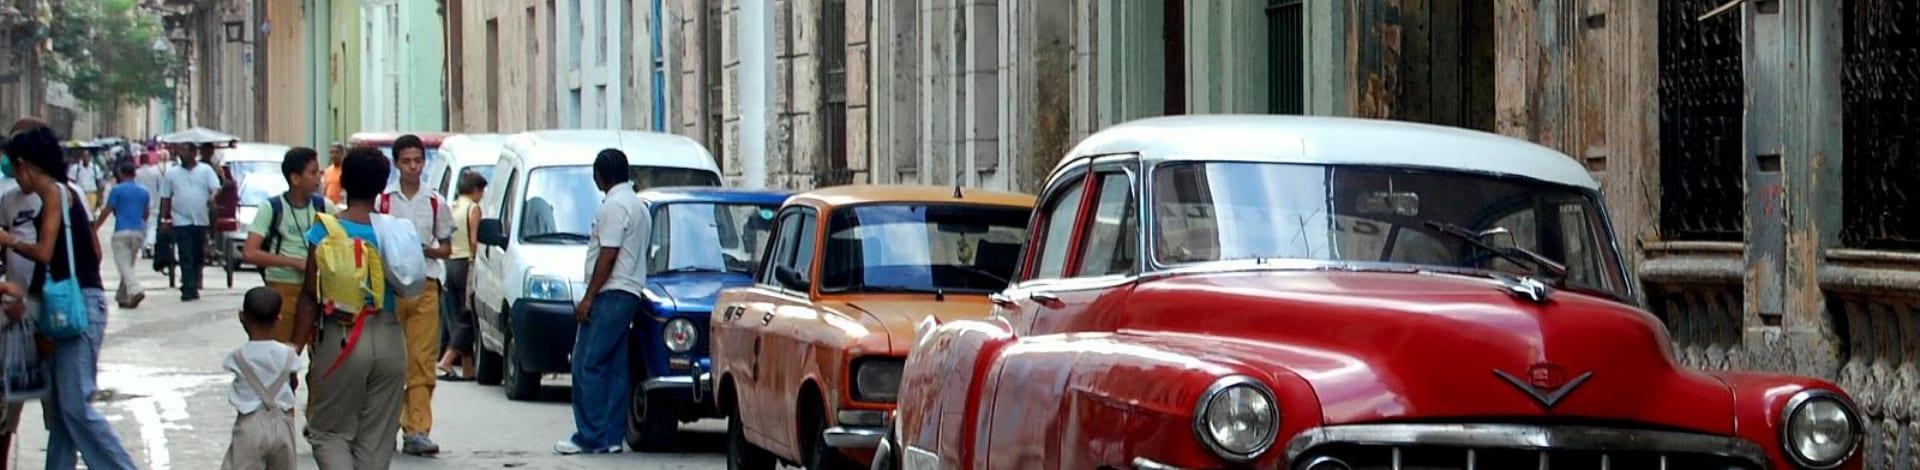 Der realsozialistische Inselstaat Kuba liegt in der Karibik. Er grenzt im Nordwesten an den Golf von Mexiko, im Nordosten an den Atlantischen Ozean und im Süden an das Karibische Meer.